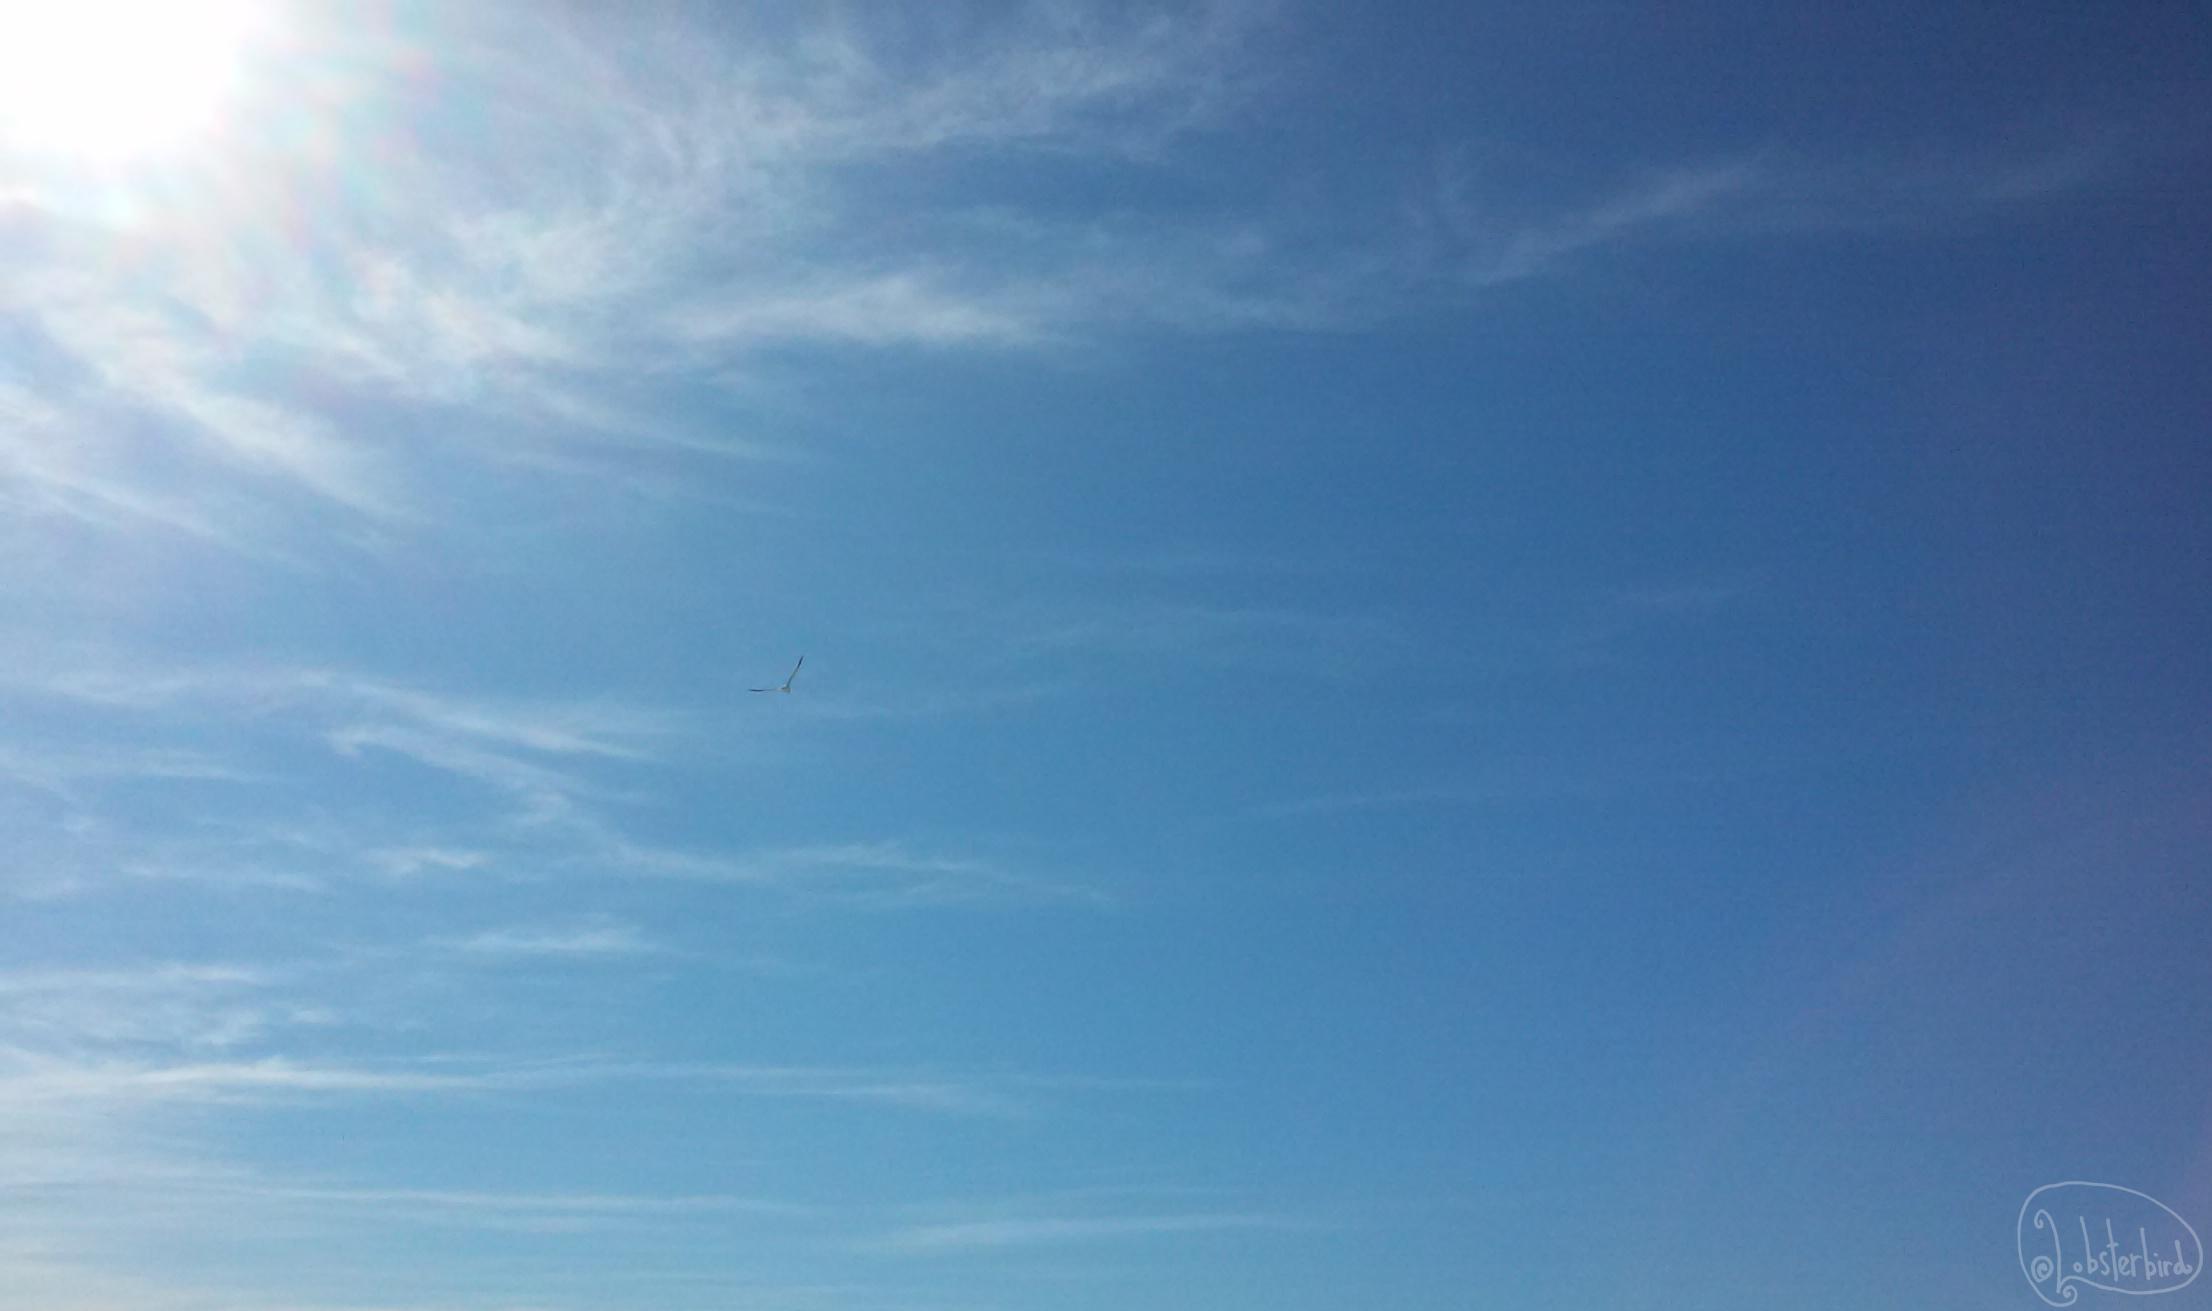 seagull soaring LBI